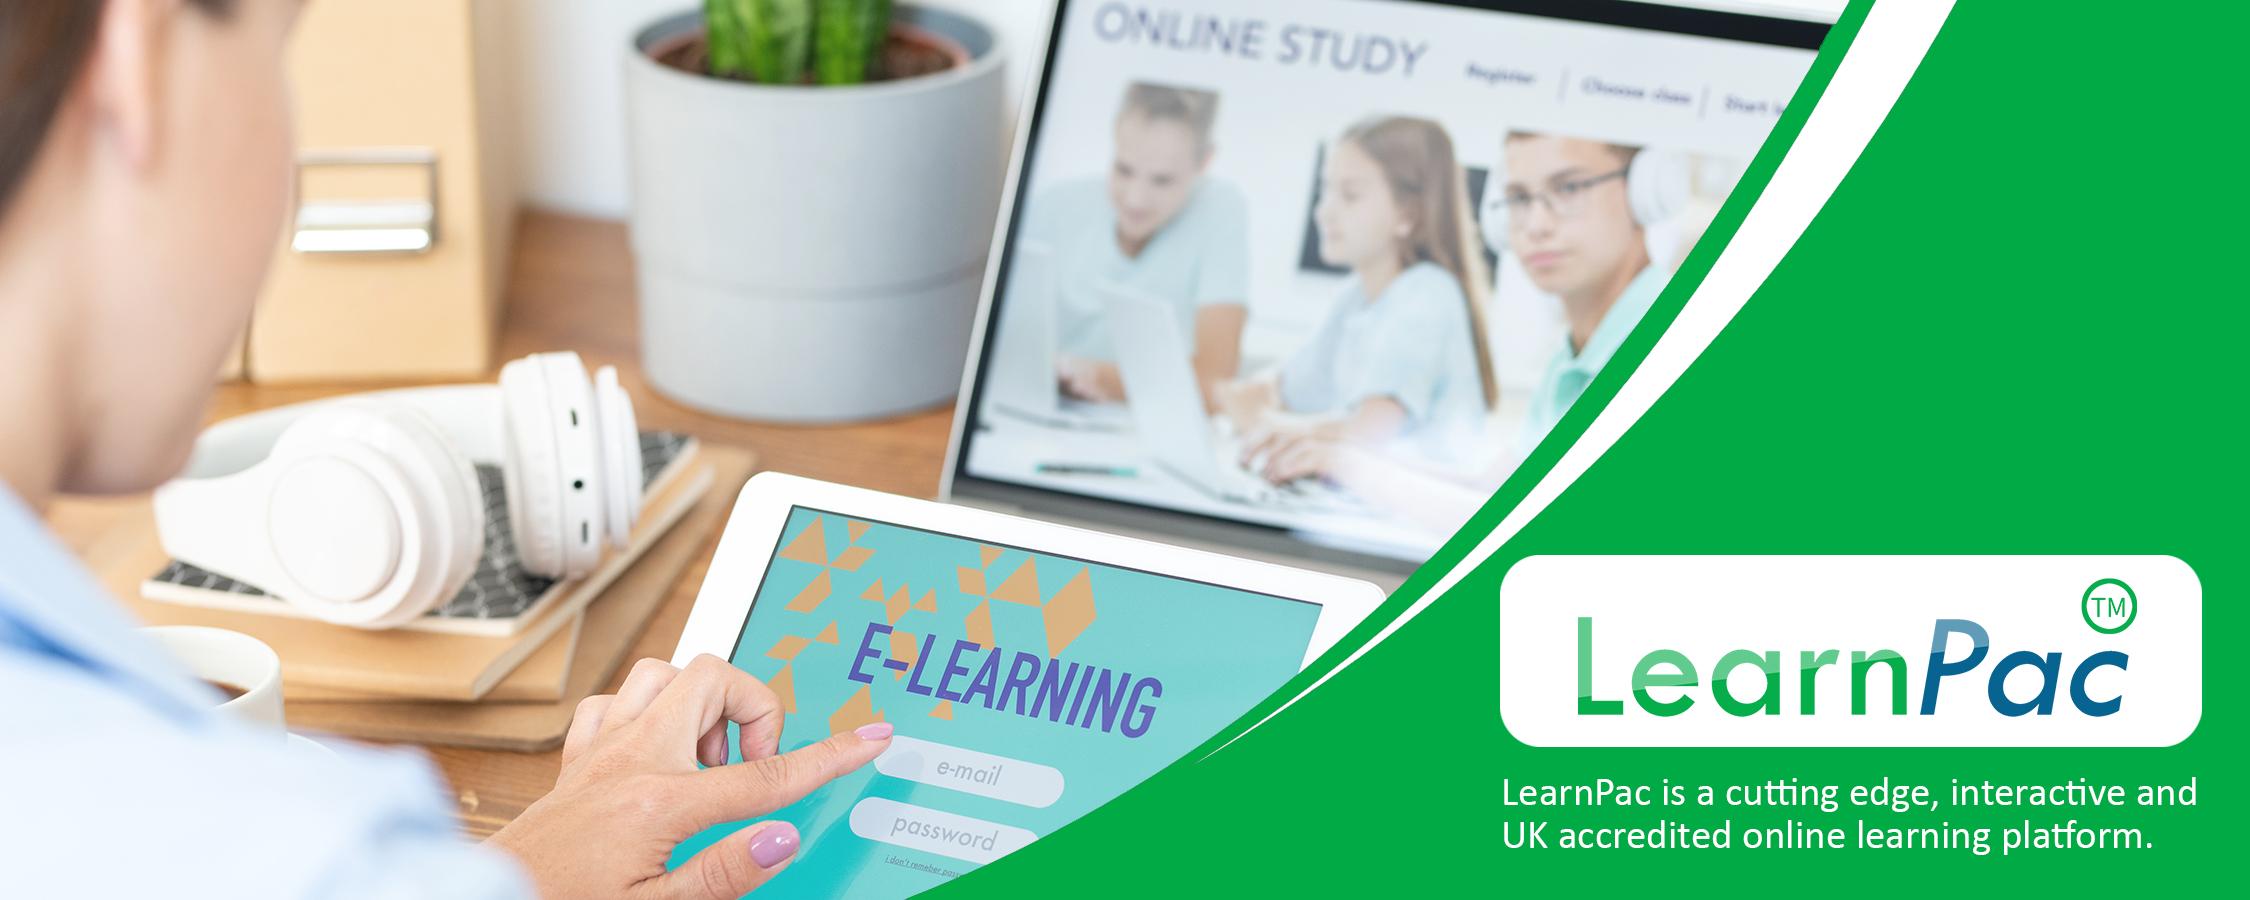 Corporate Training Starter Kit - Online Learning Courses - E-Learning Courses - LearnPac Systems UK -